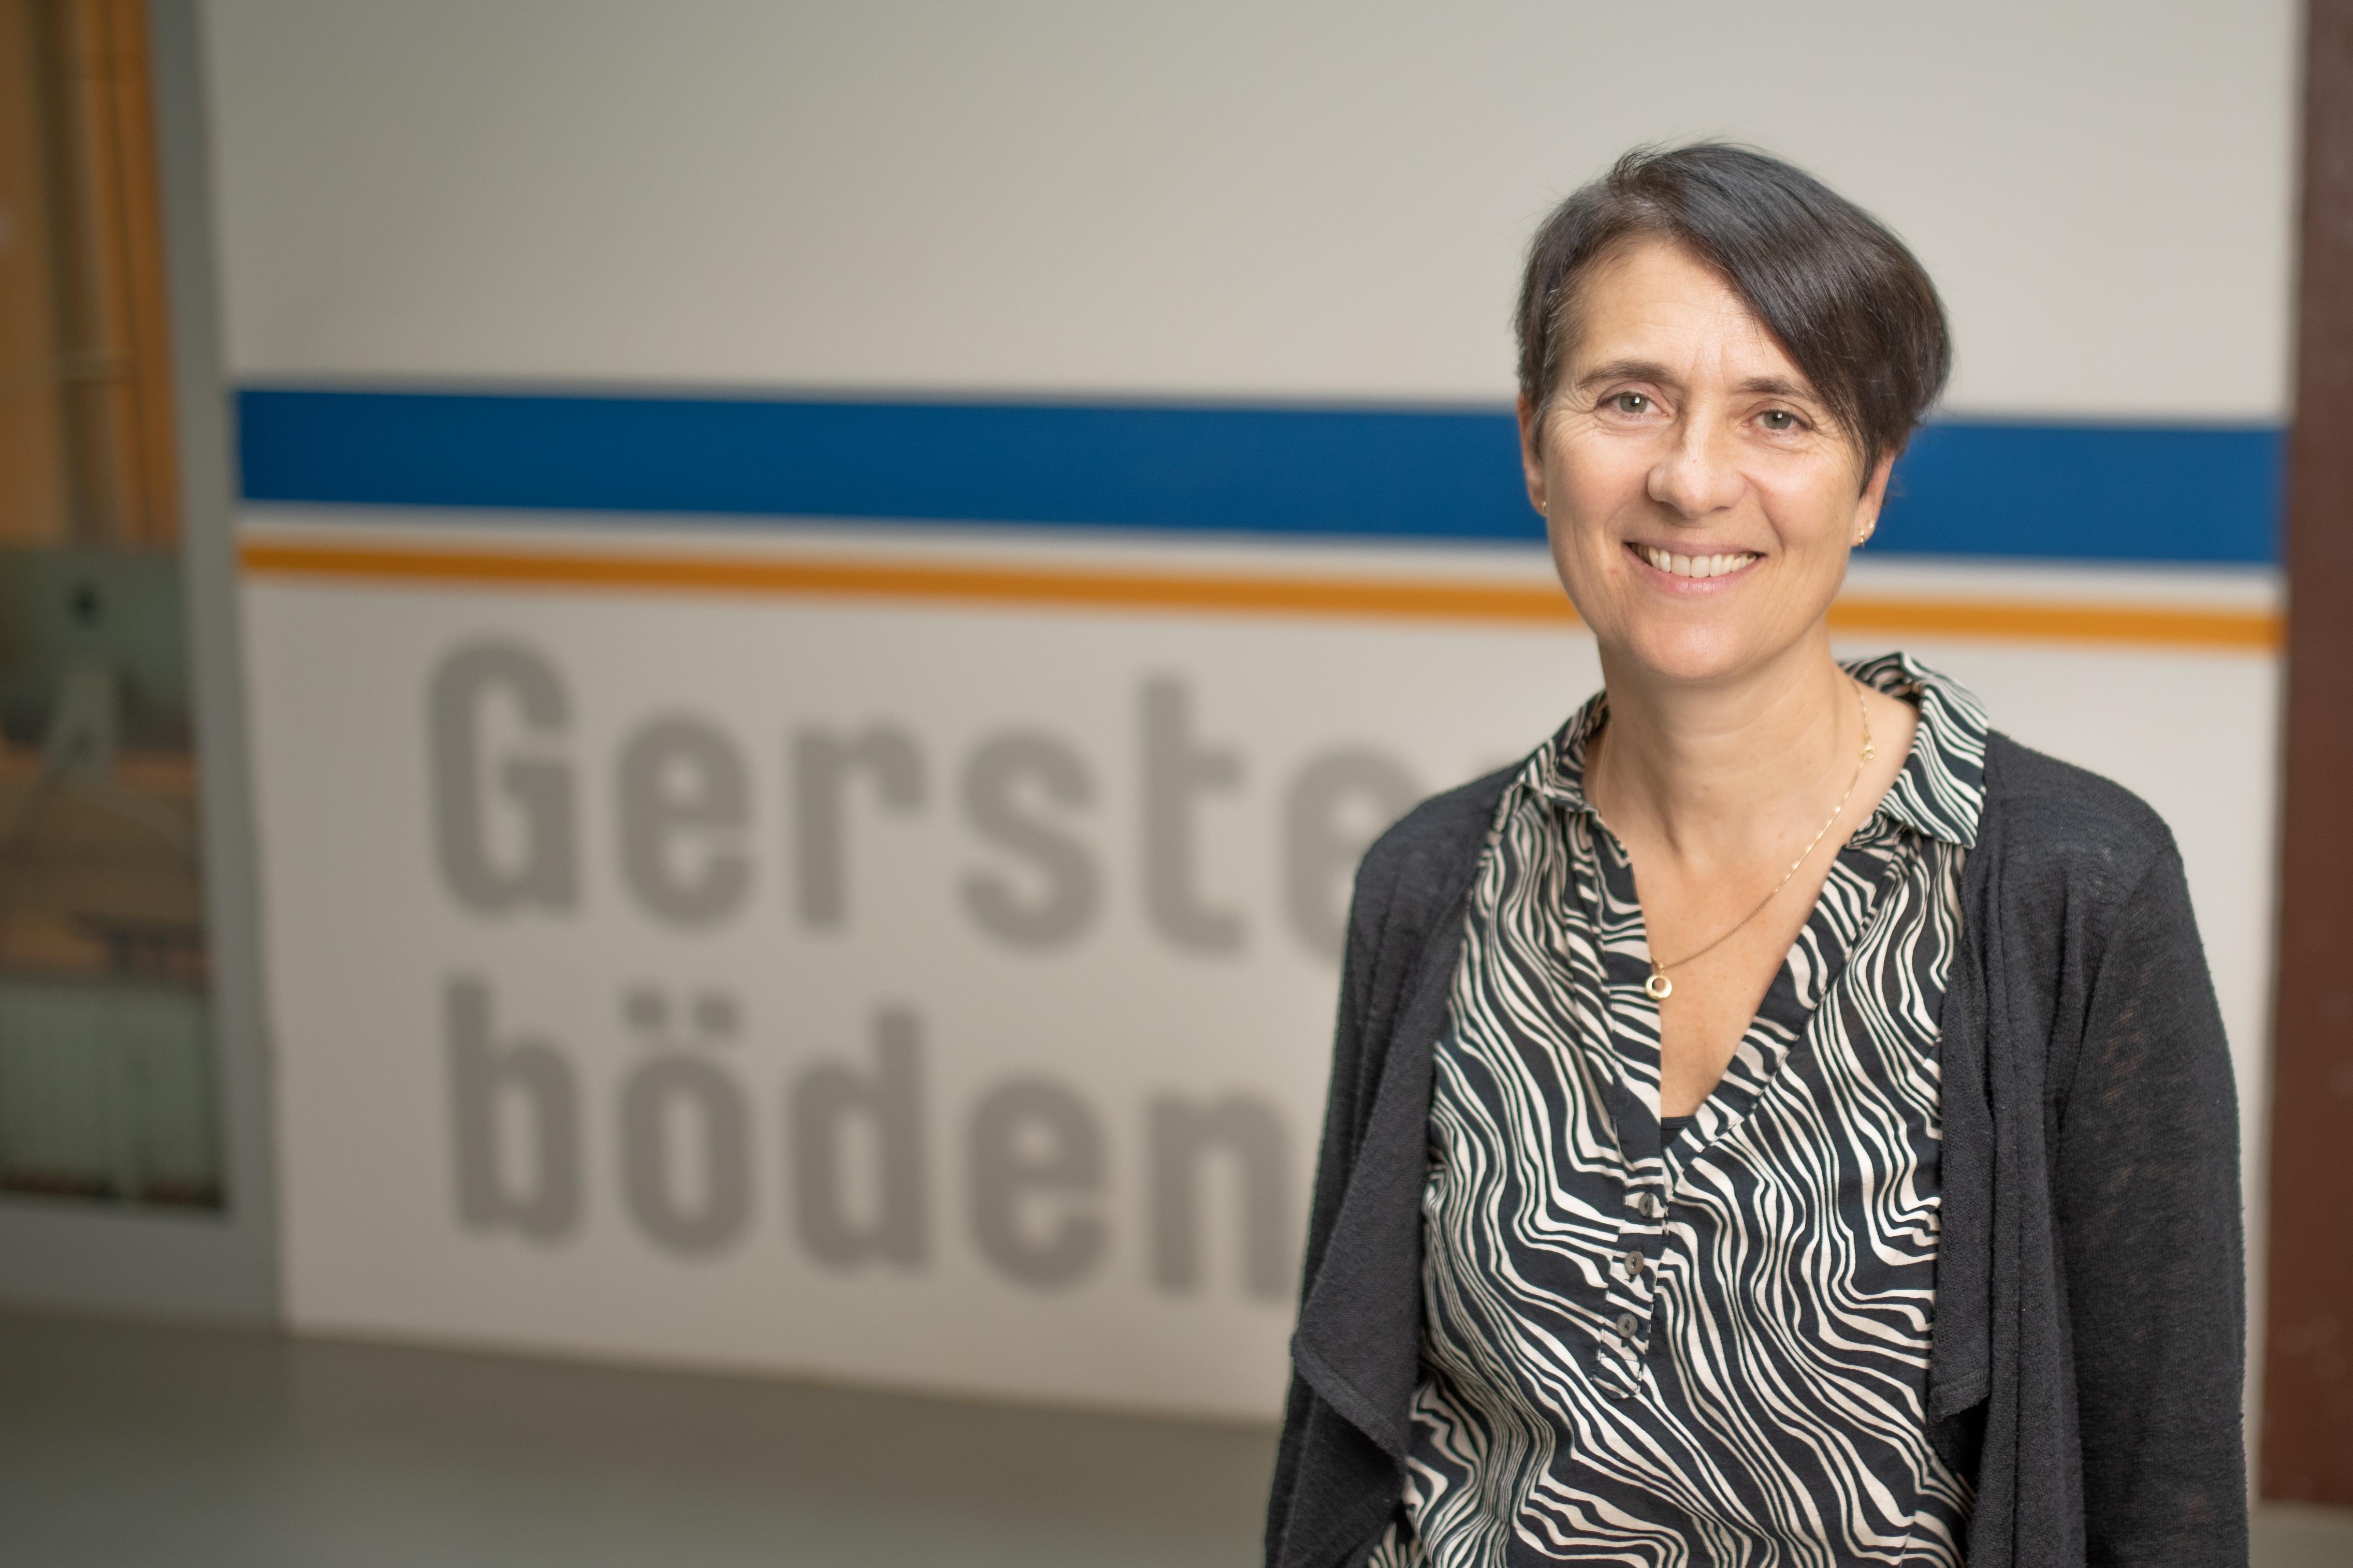 Ursula Breitenmoser